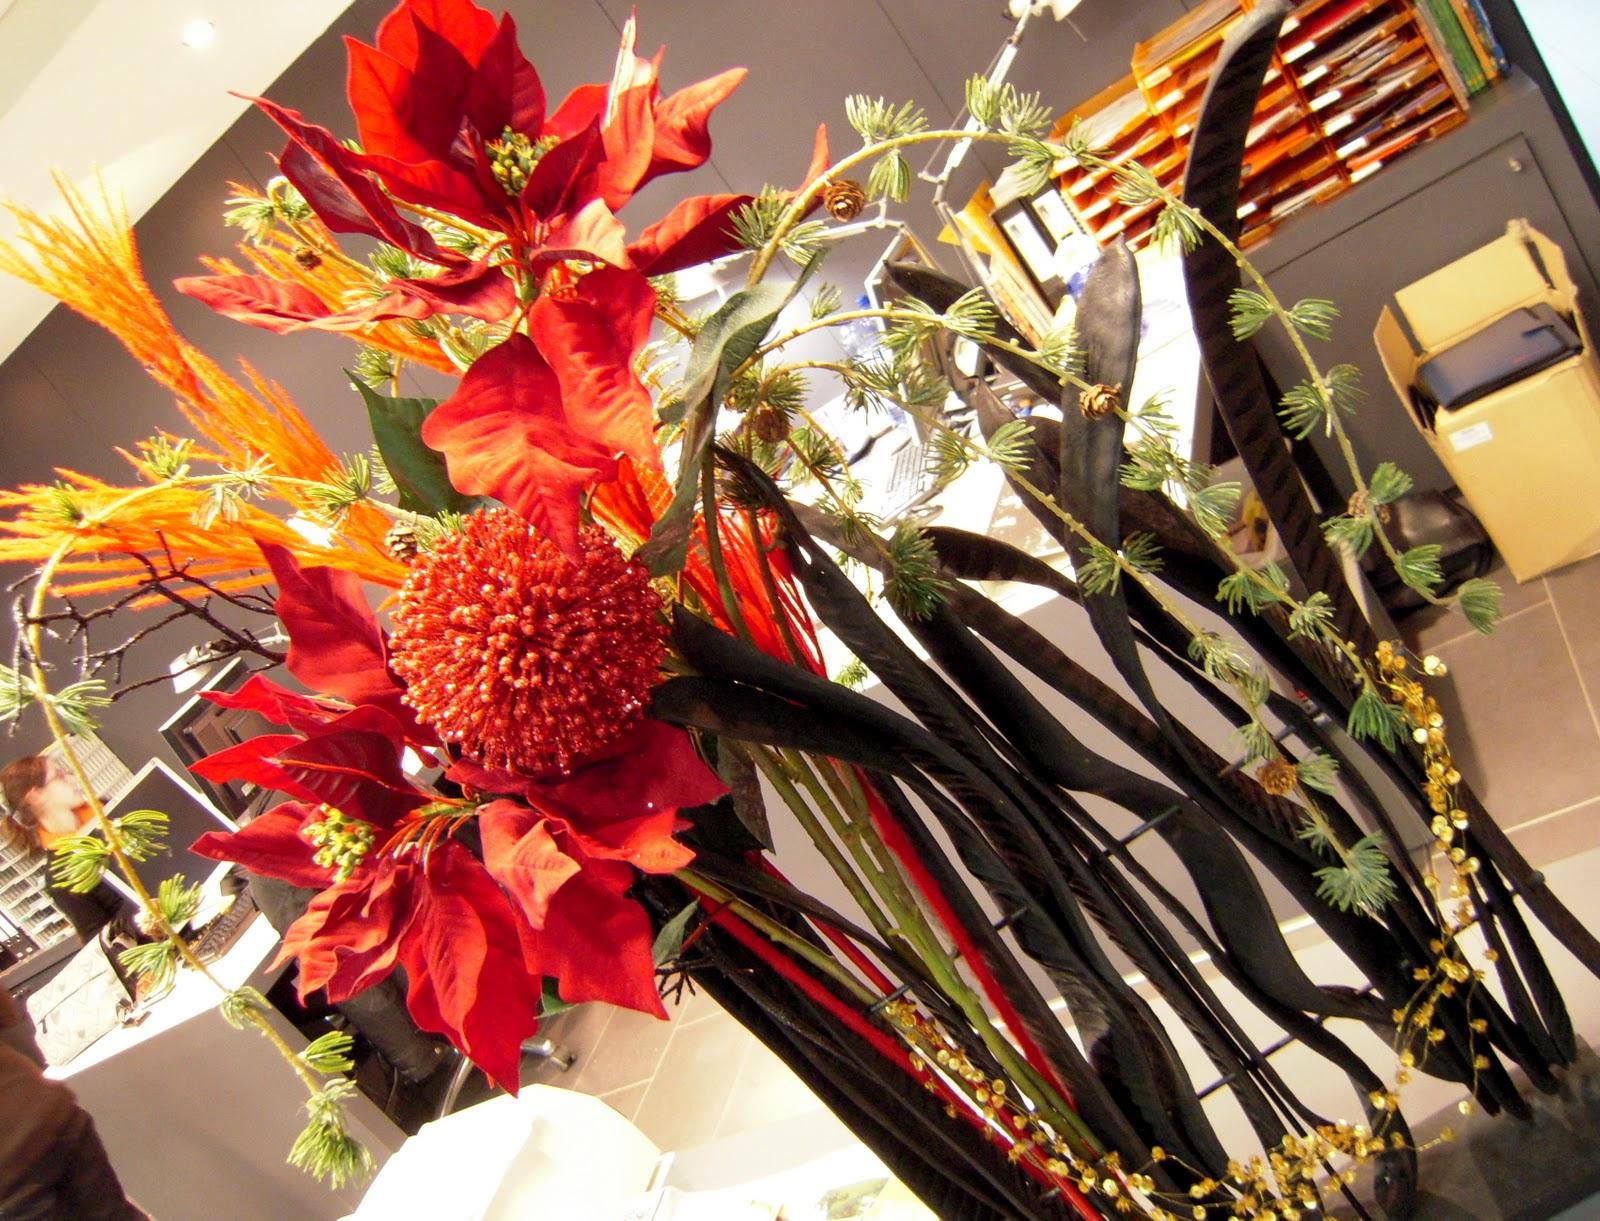 Decoraciones navide as chiccerdanya decoraci - Decoraciones navienas ...